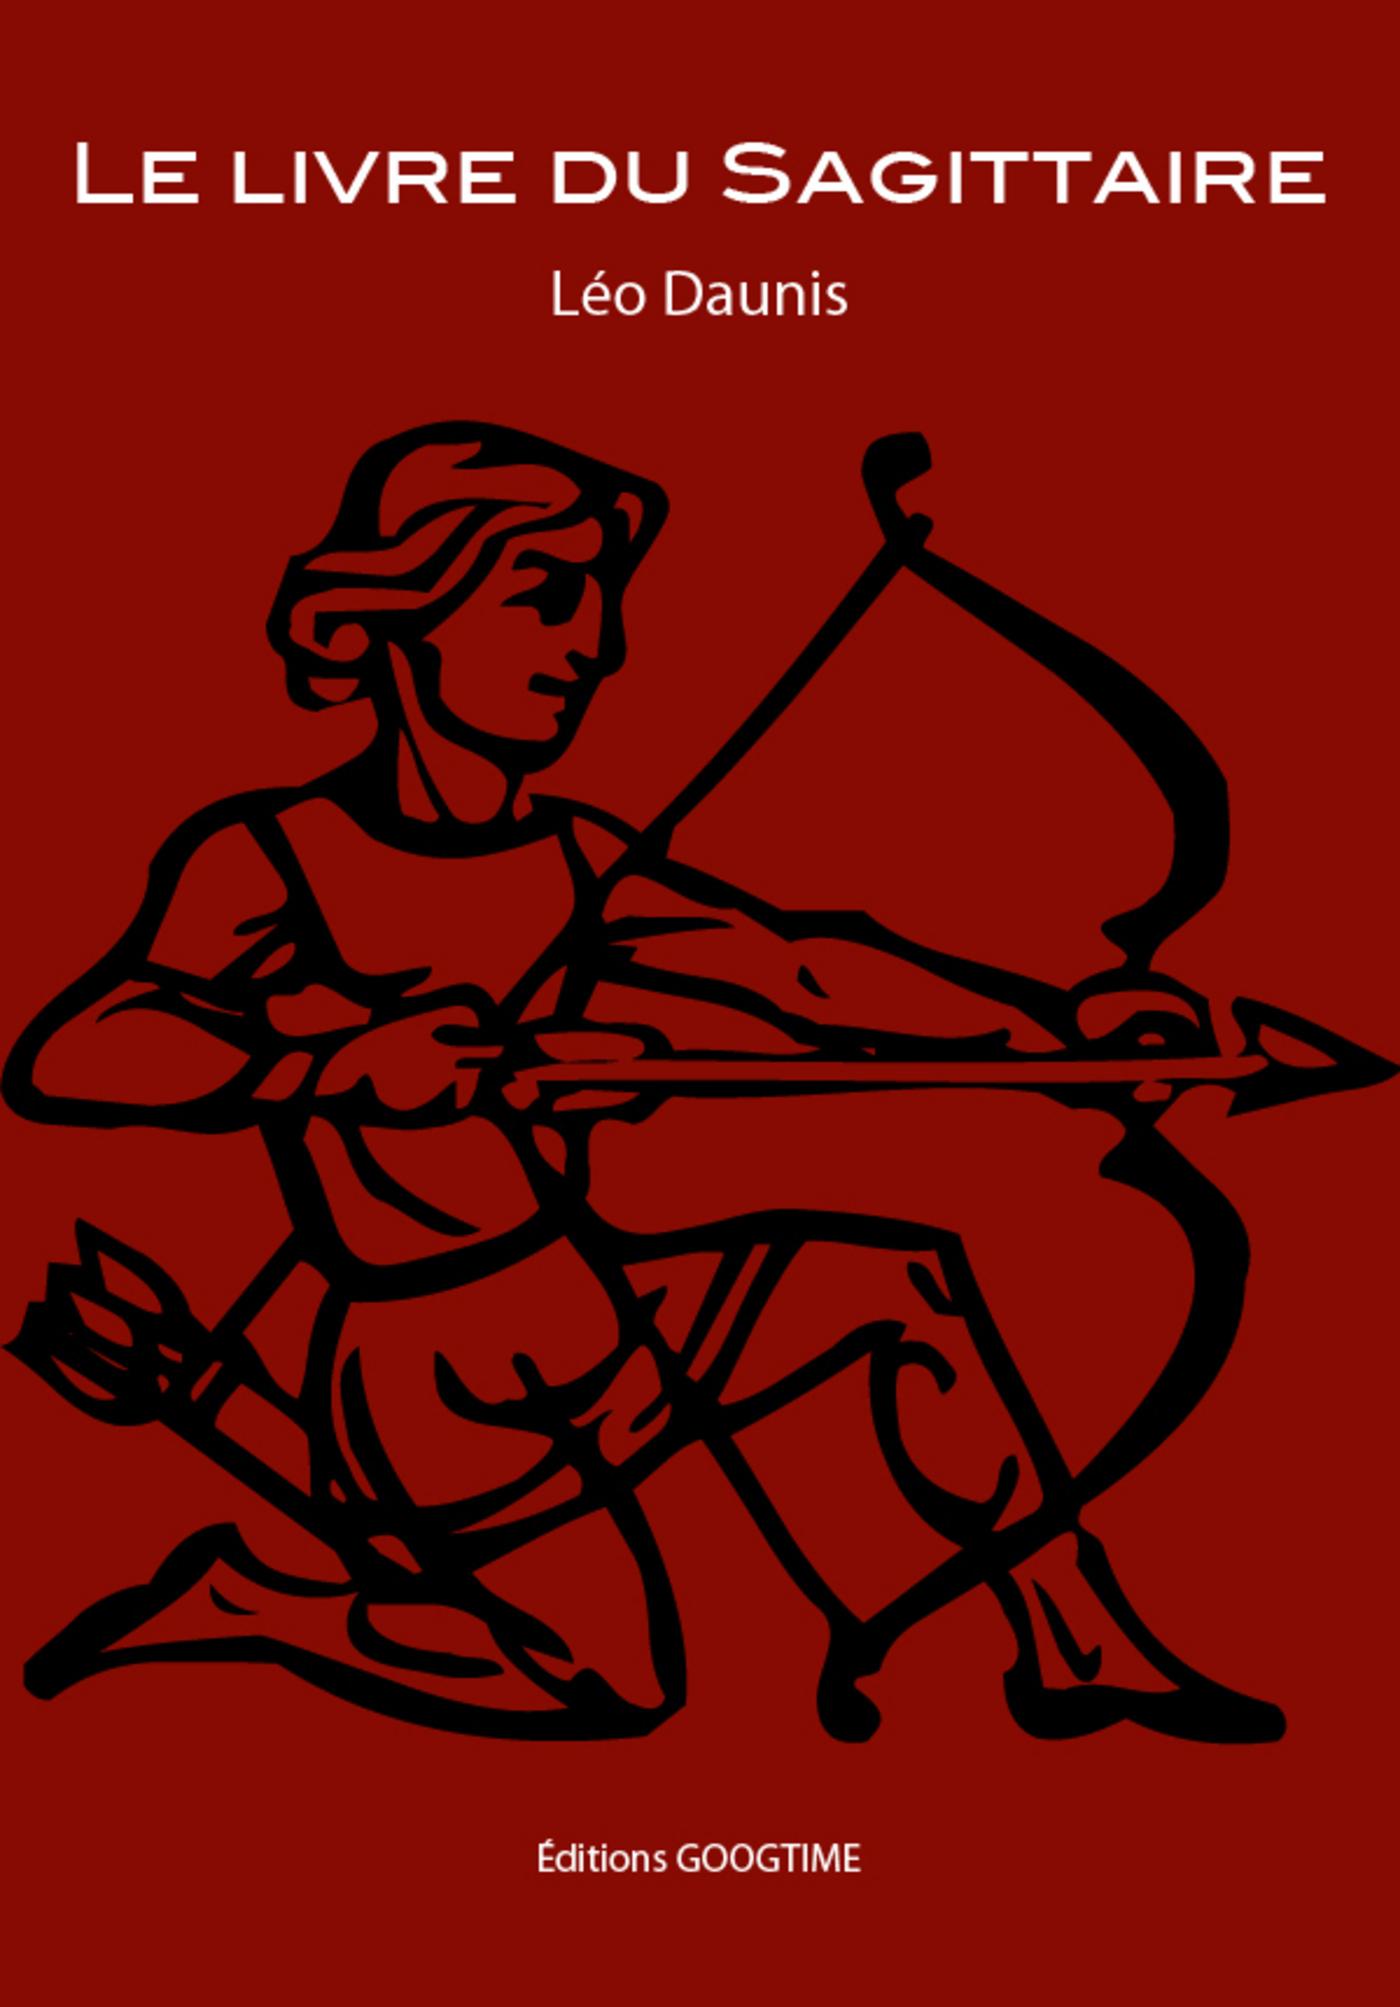 Le livre du Sagittaire